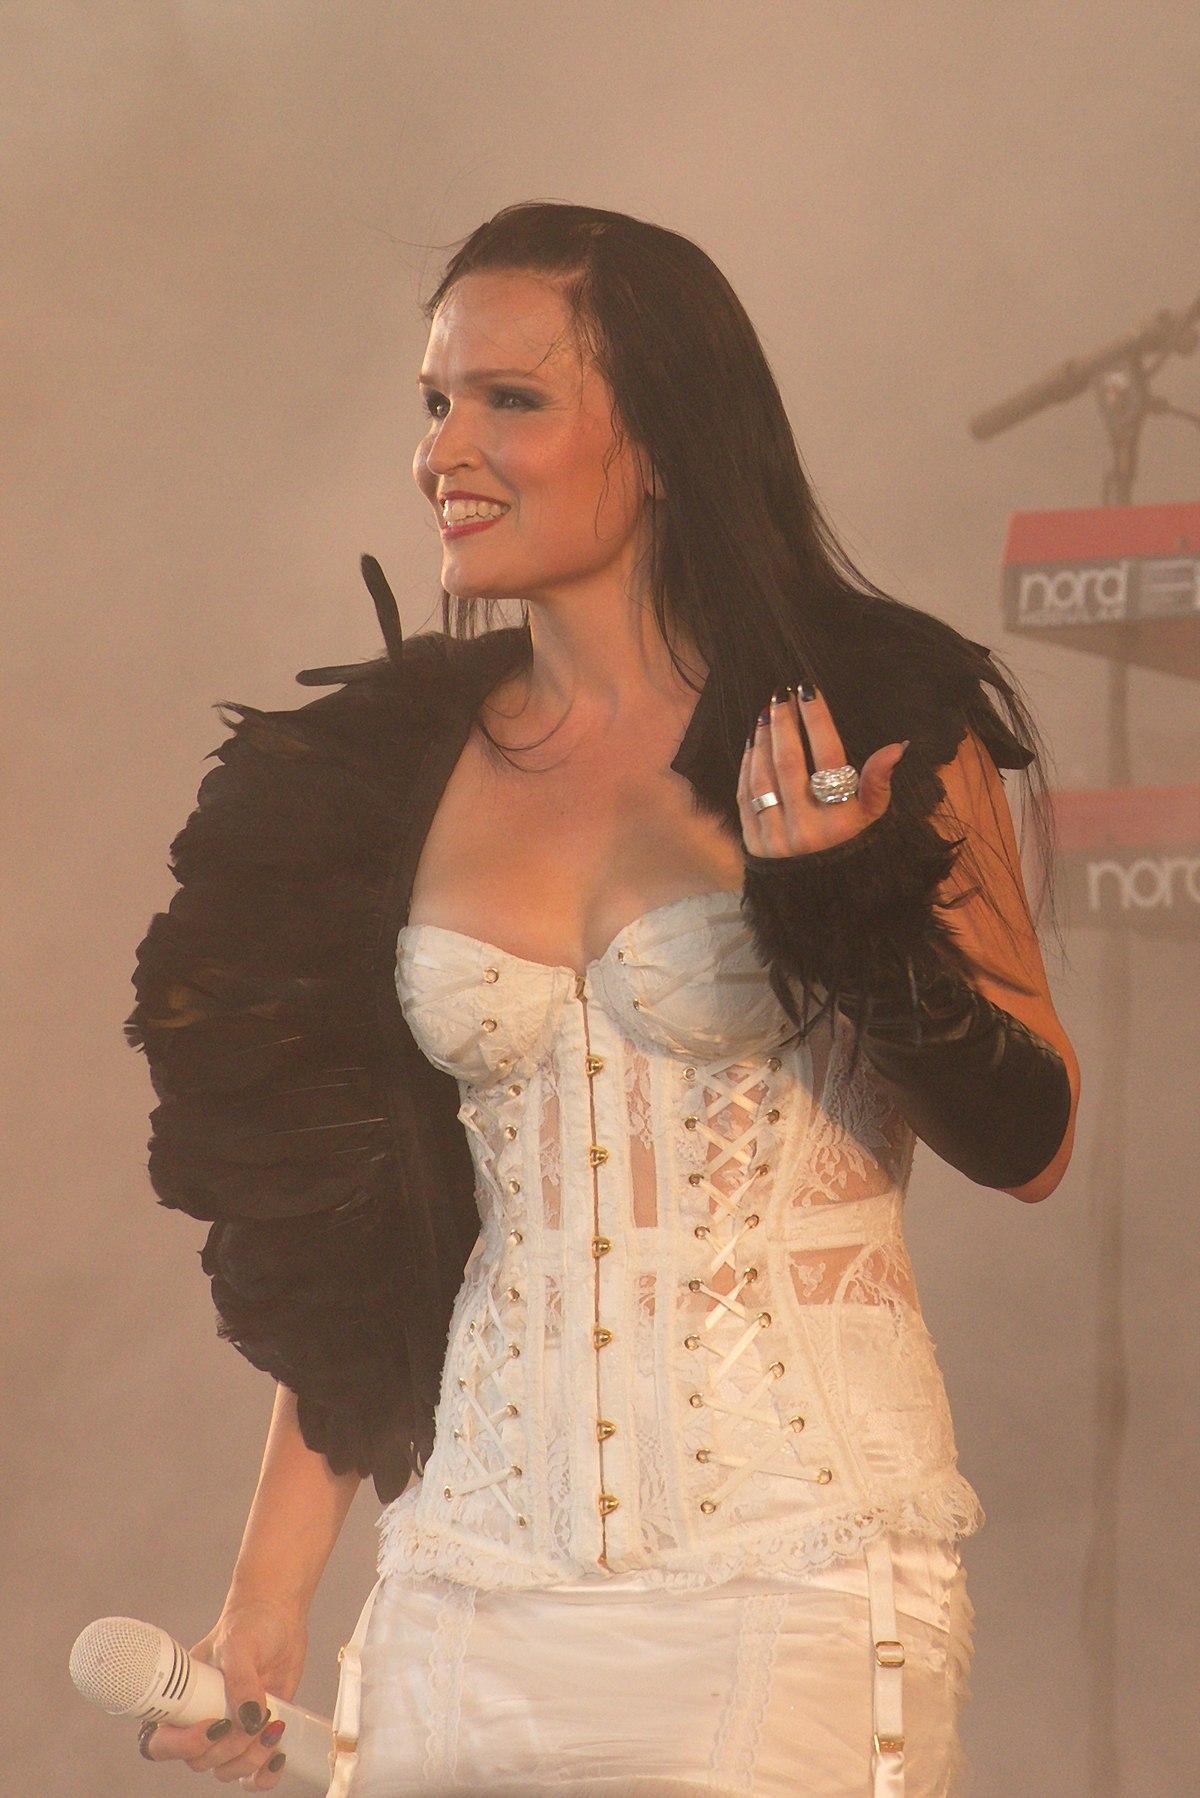 Tarja Turunen - Wikipe... Quotes About Singing